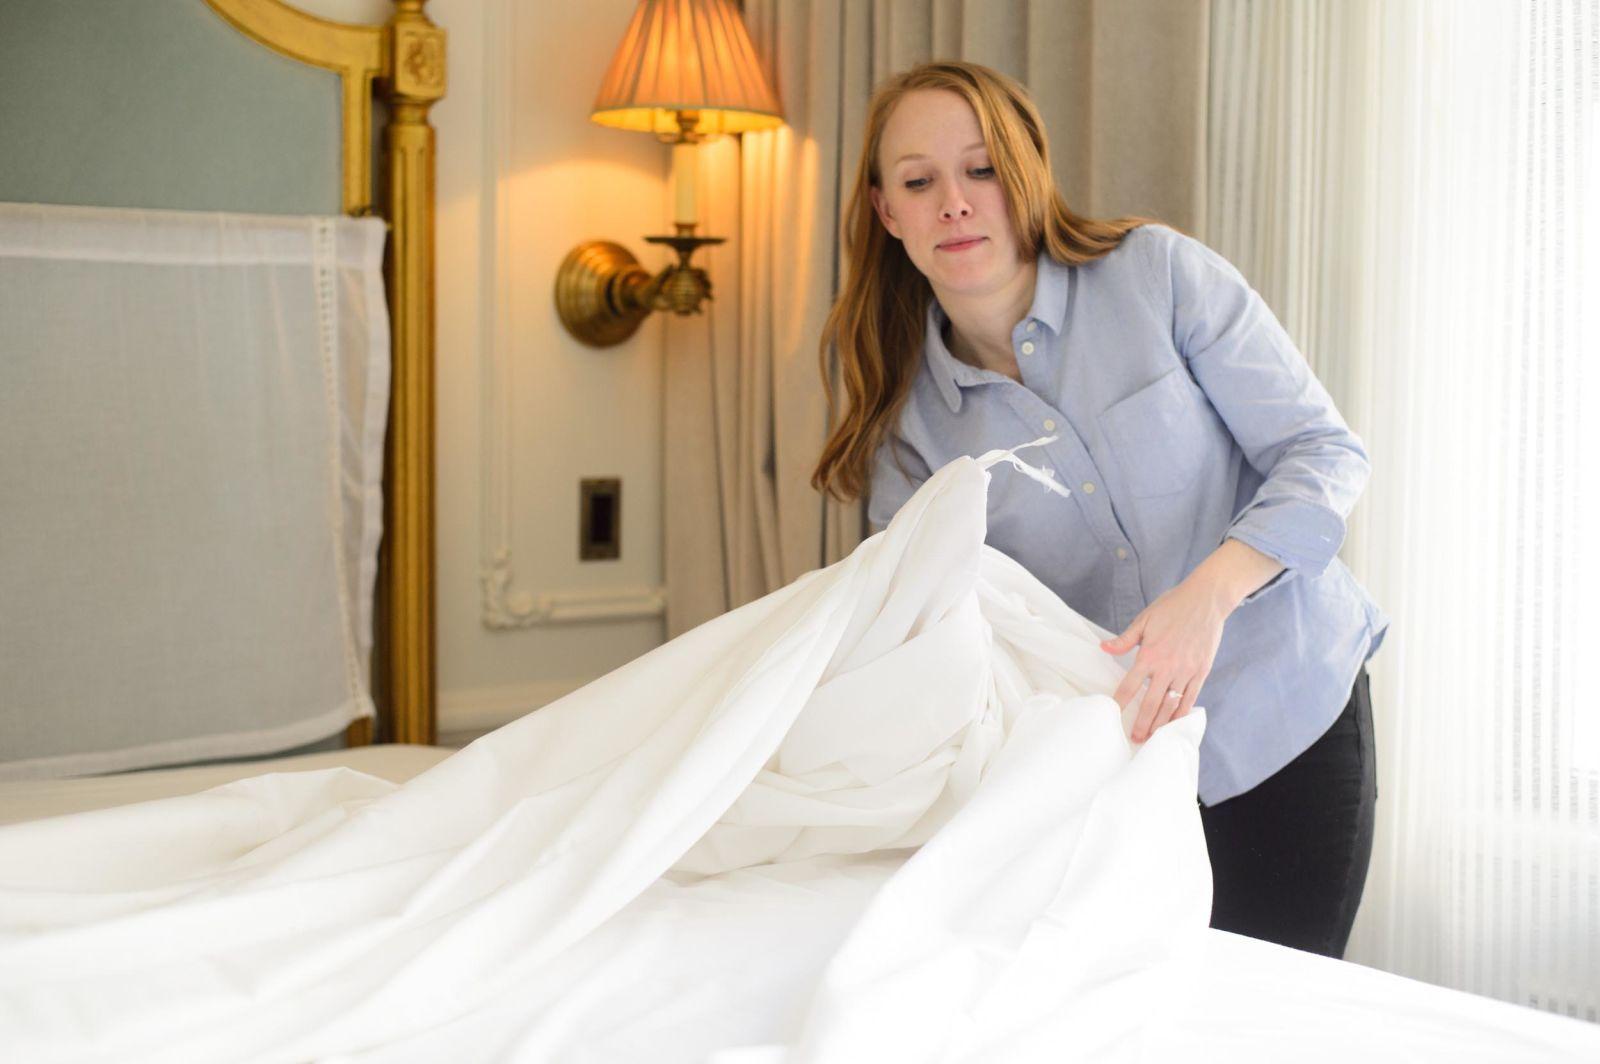 5 Secrets To Making A Bed Like A Hotel Housekeeper Make Bed Like